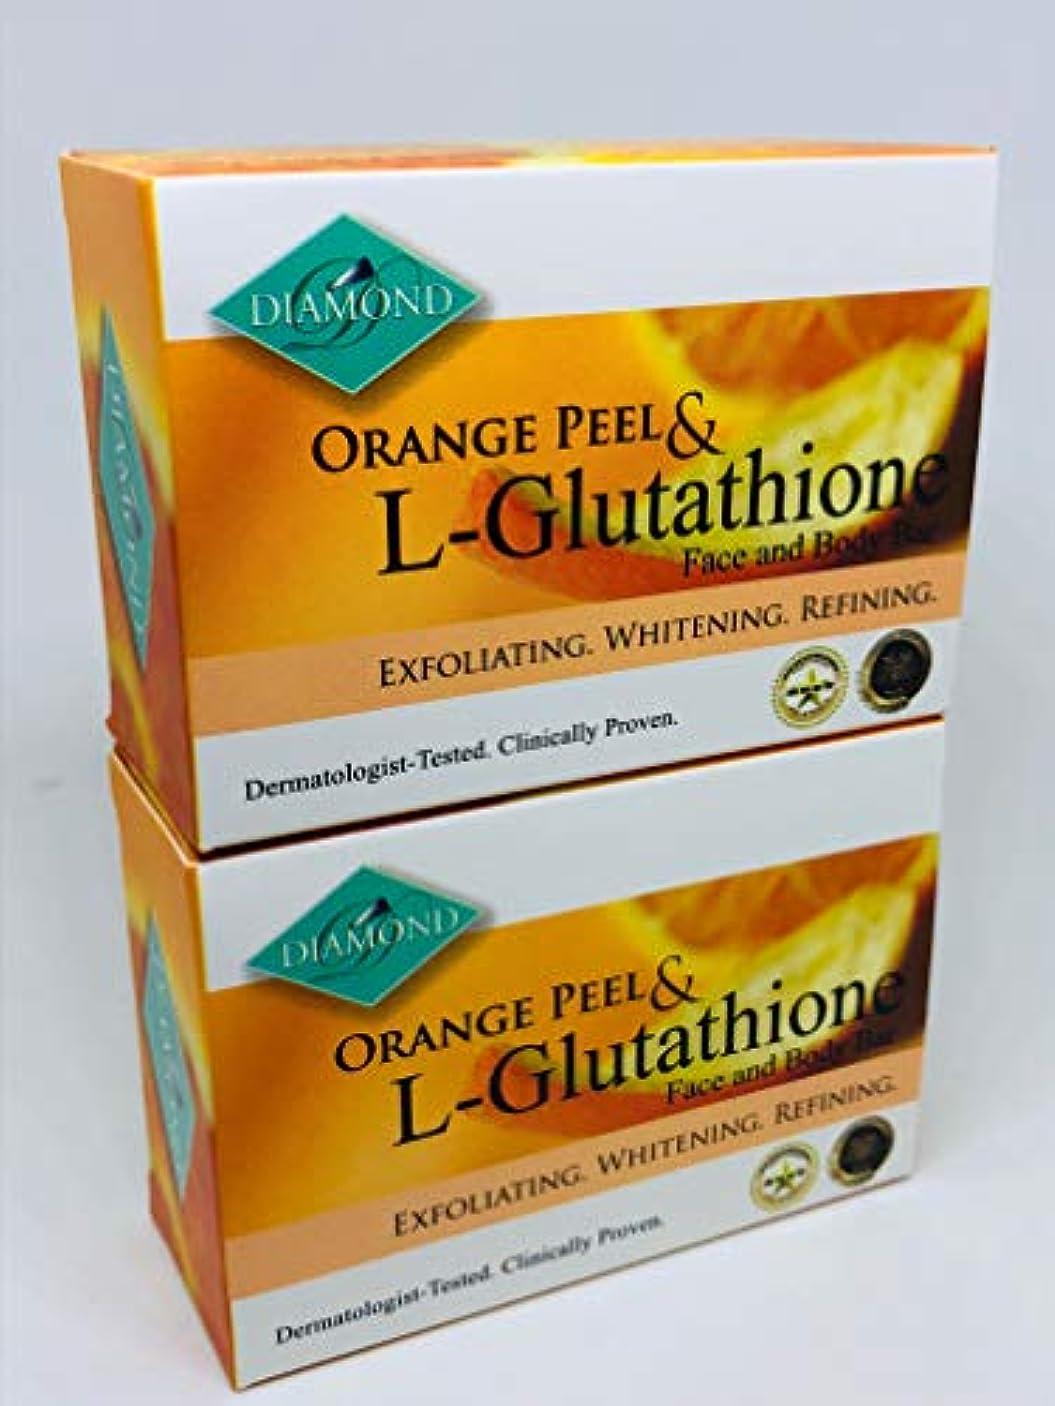 シーフード固執学部DIAMOND ORANGE PEEL&Glutathione soap/オレンジピール&グルタチオン配合ソープ(美容石けん) 150g×2個 正規輸入品